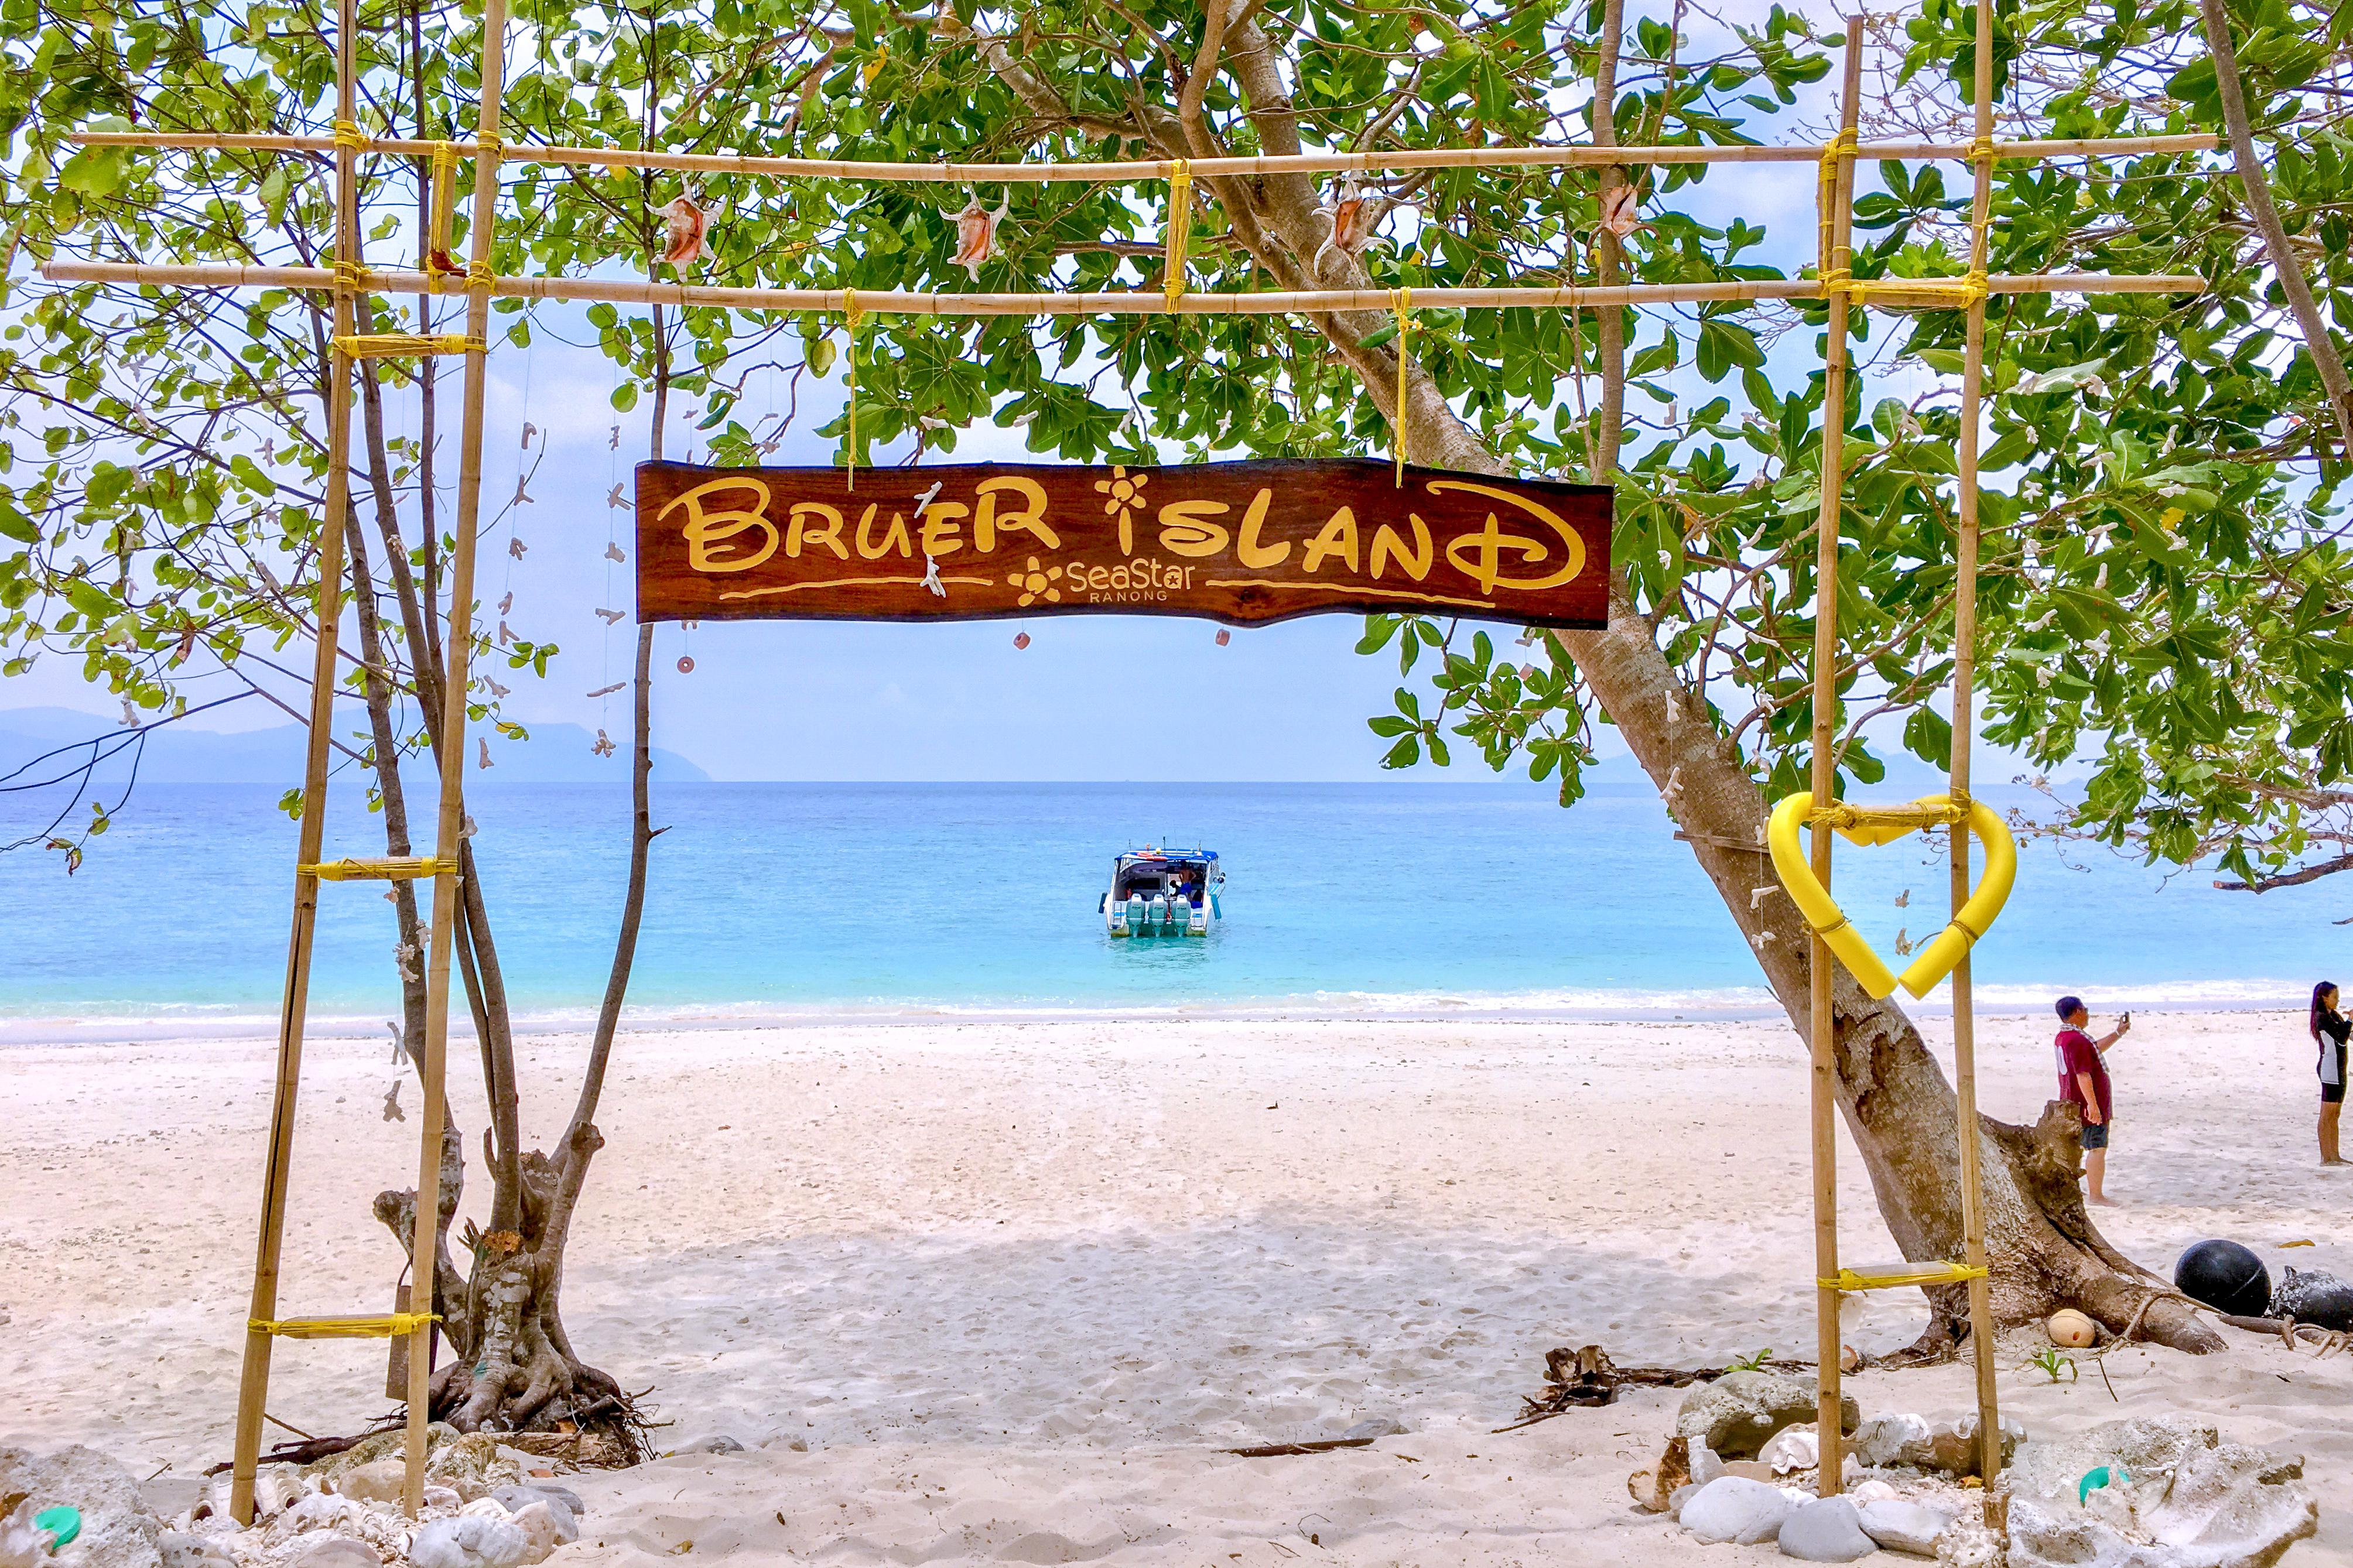 เกาะบรูเออร์ ทะเลพม่า